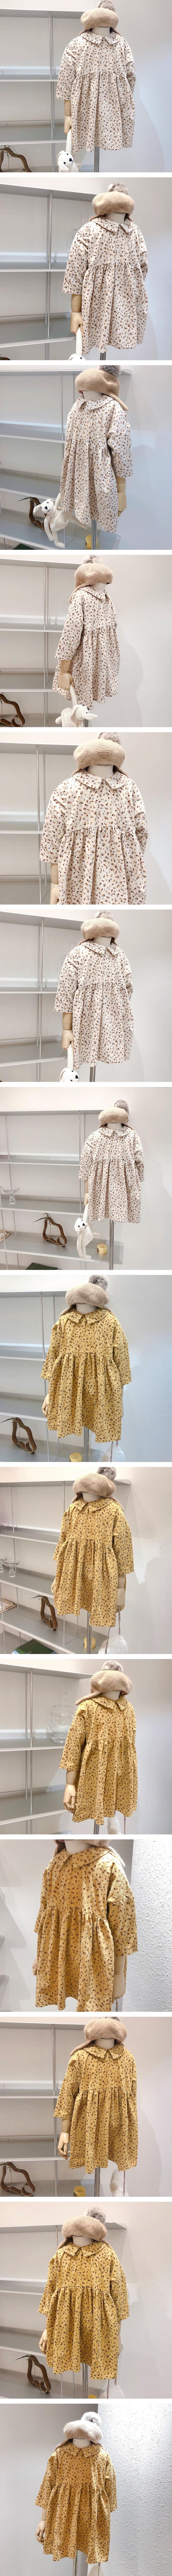 STUDIO M - Korean Children Fashion - #Kfashion4kids - Amy Cude One-piece